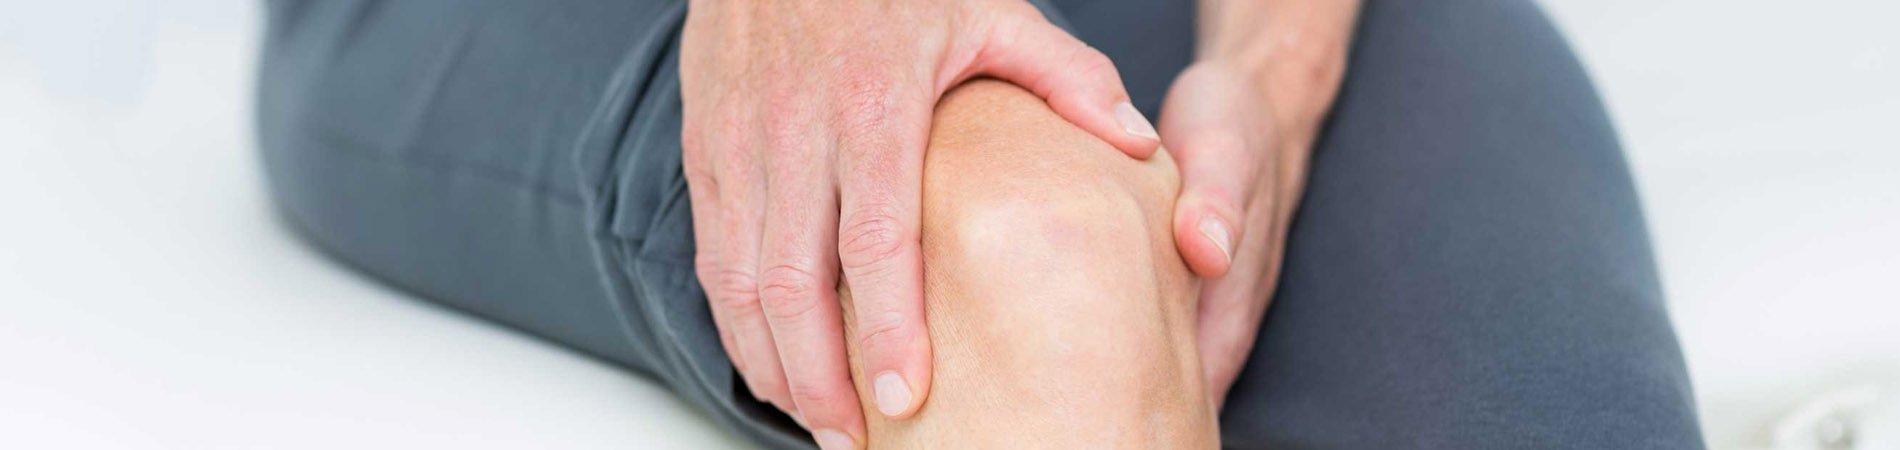 ▷ Suplementos para Regenerar Articulaciones y tendones | KiffeMyBody